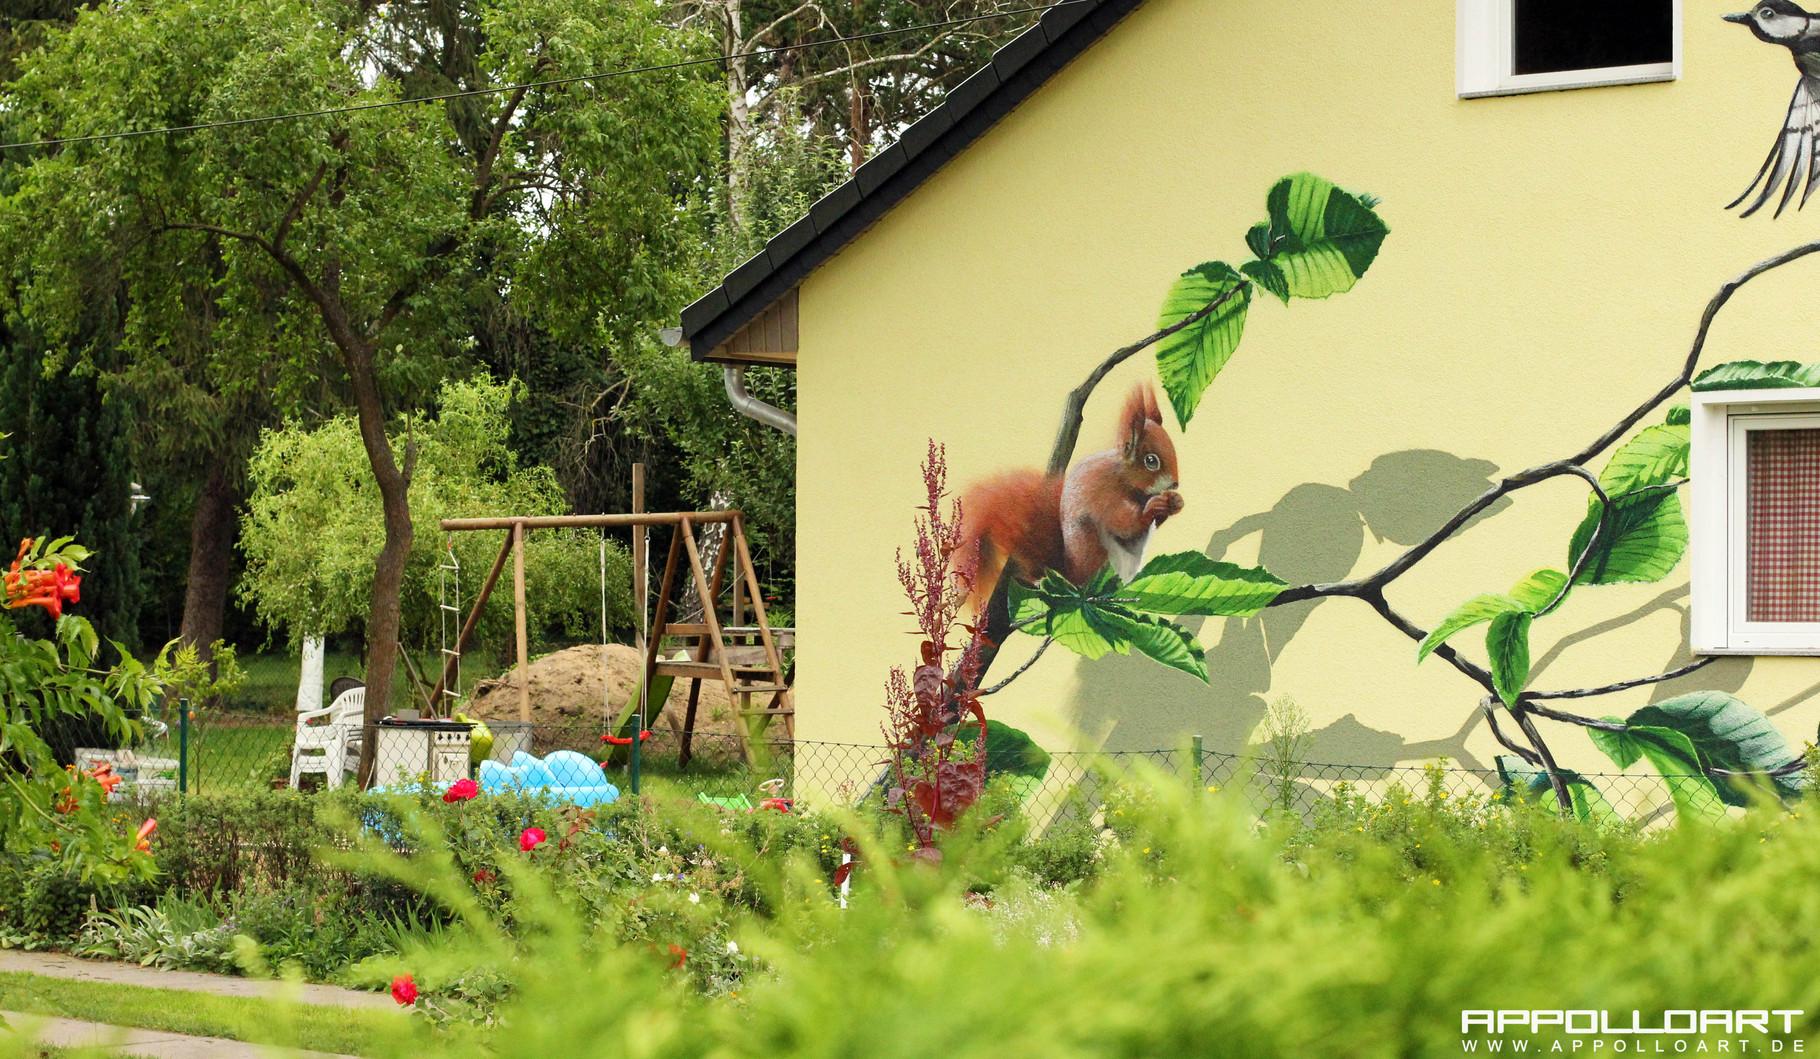 malerei auf privater fassade in berlin graffiti k nstler und auftrag. Black Bedroom Furniture Sets. Home Design Ideas